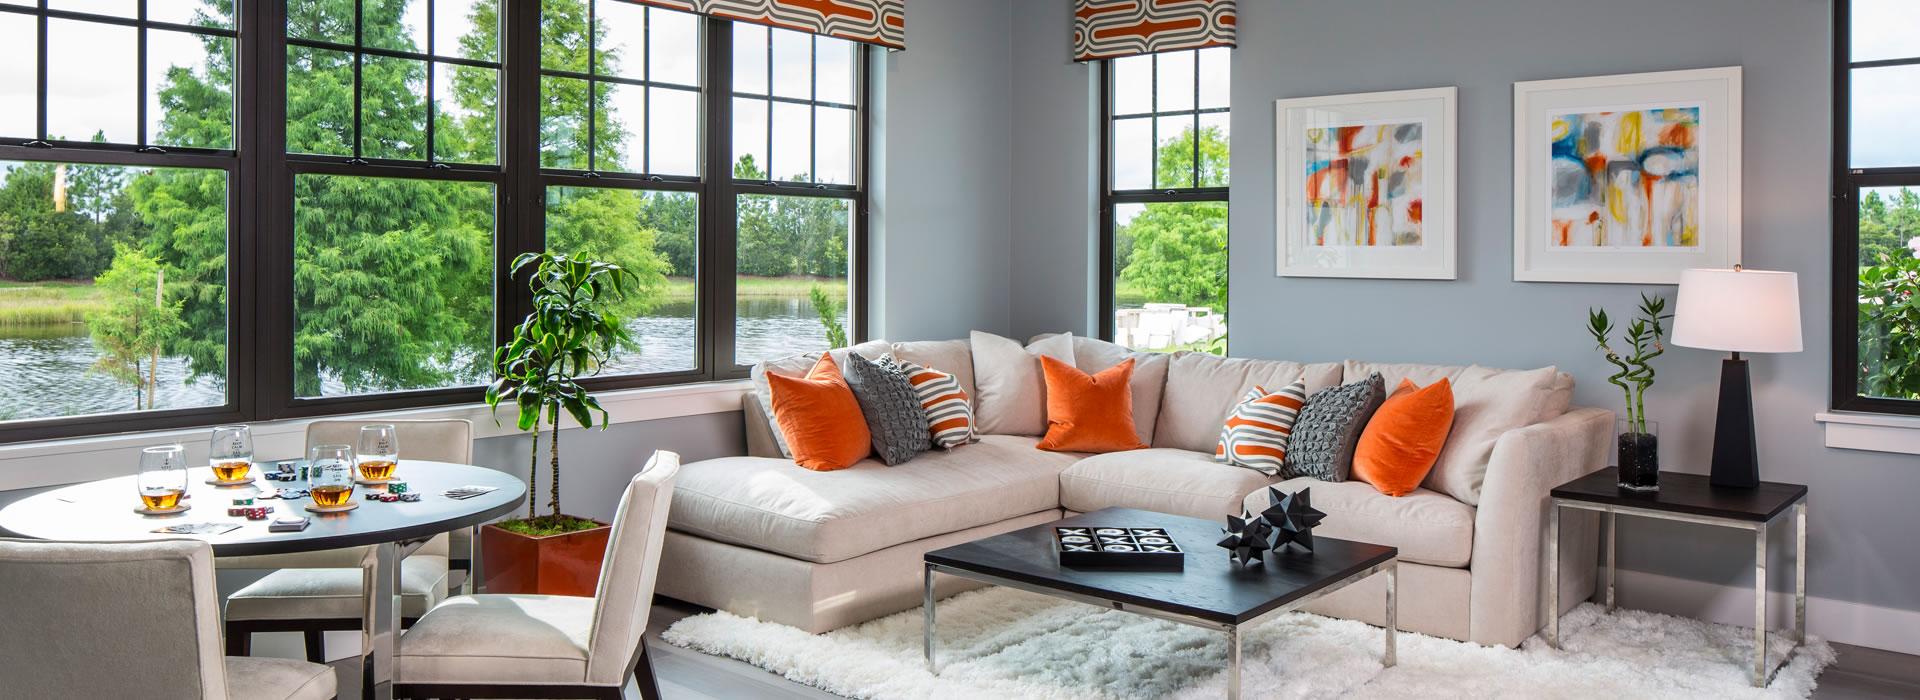 Photos for Living room photos